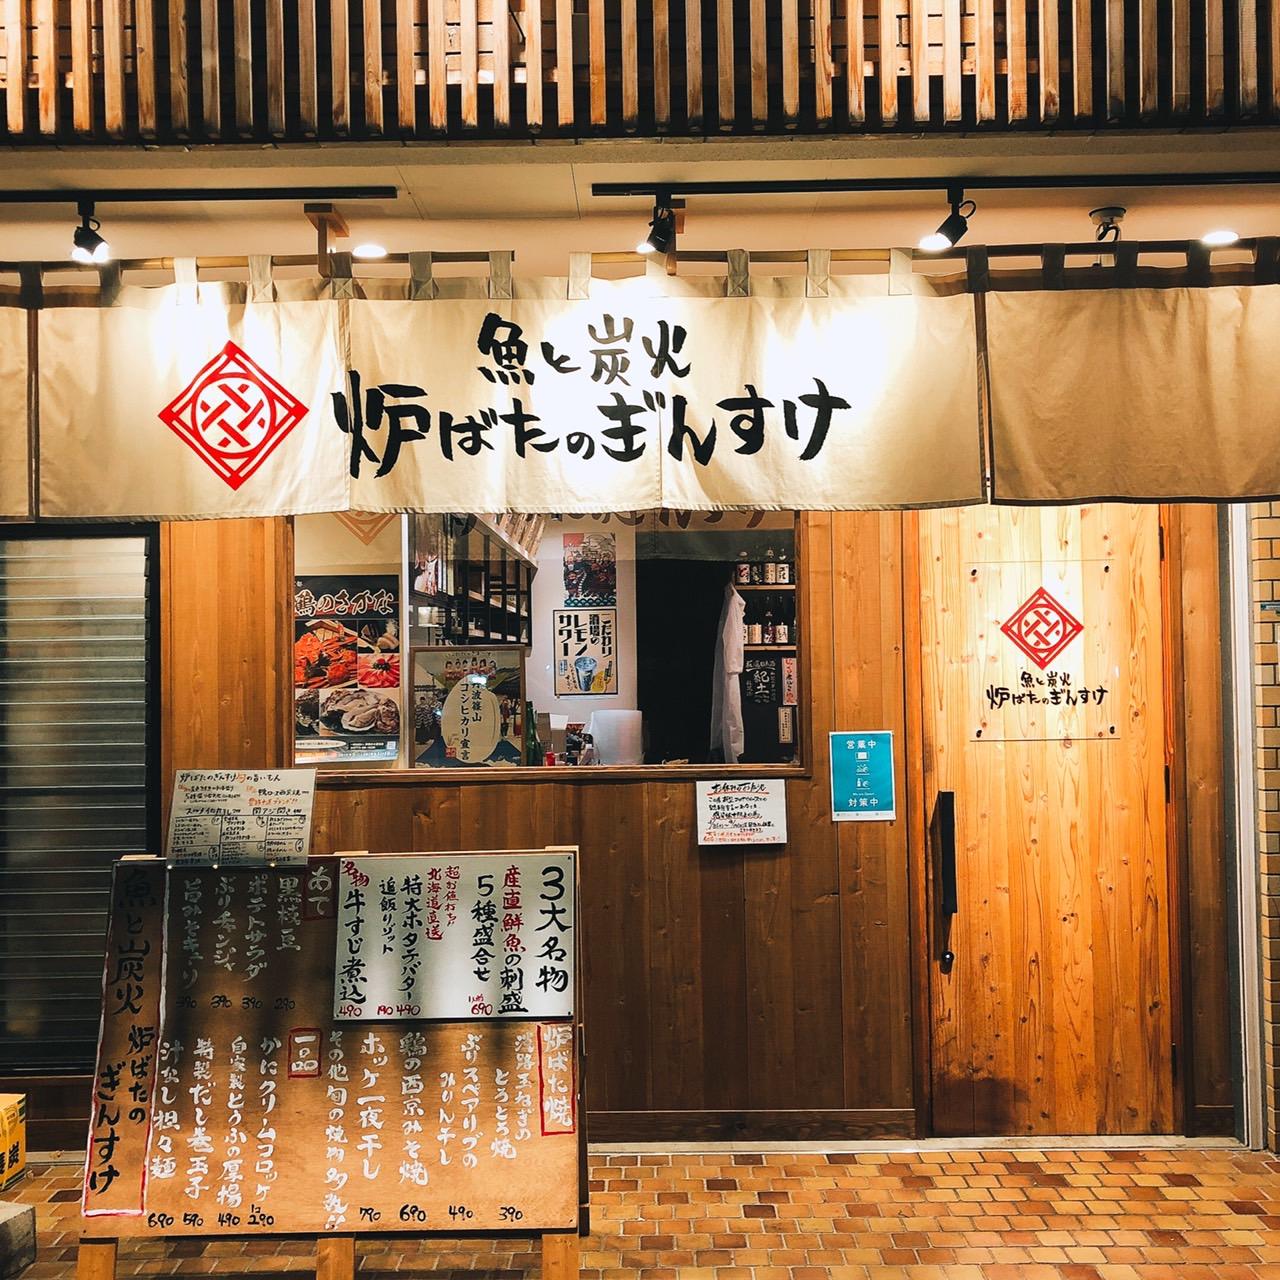 魚と炭火 炉ばたのぎんすけ 2店舗 <br>  (中津店・緑地公園店)